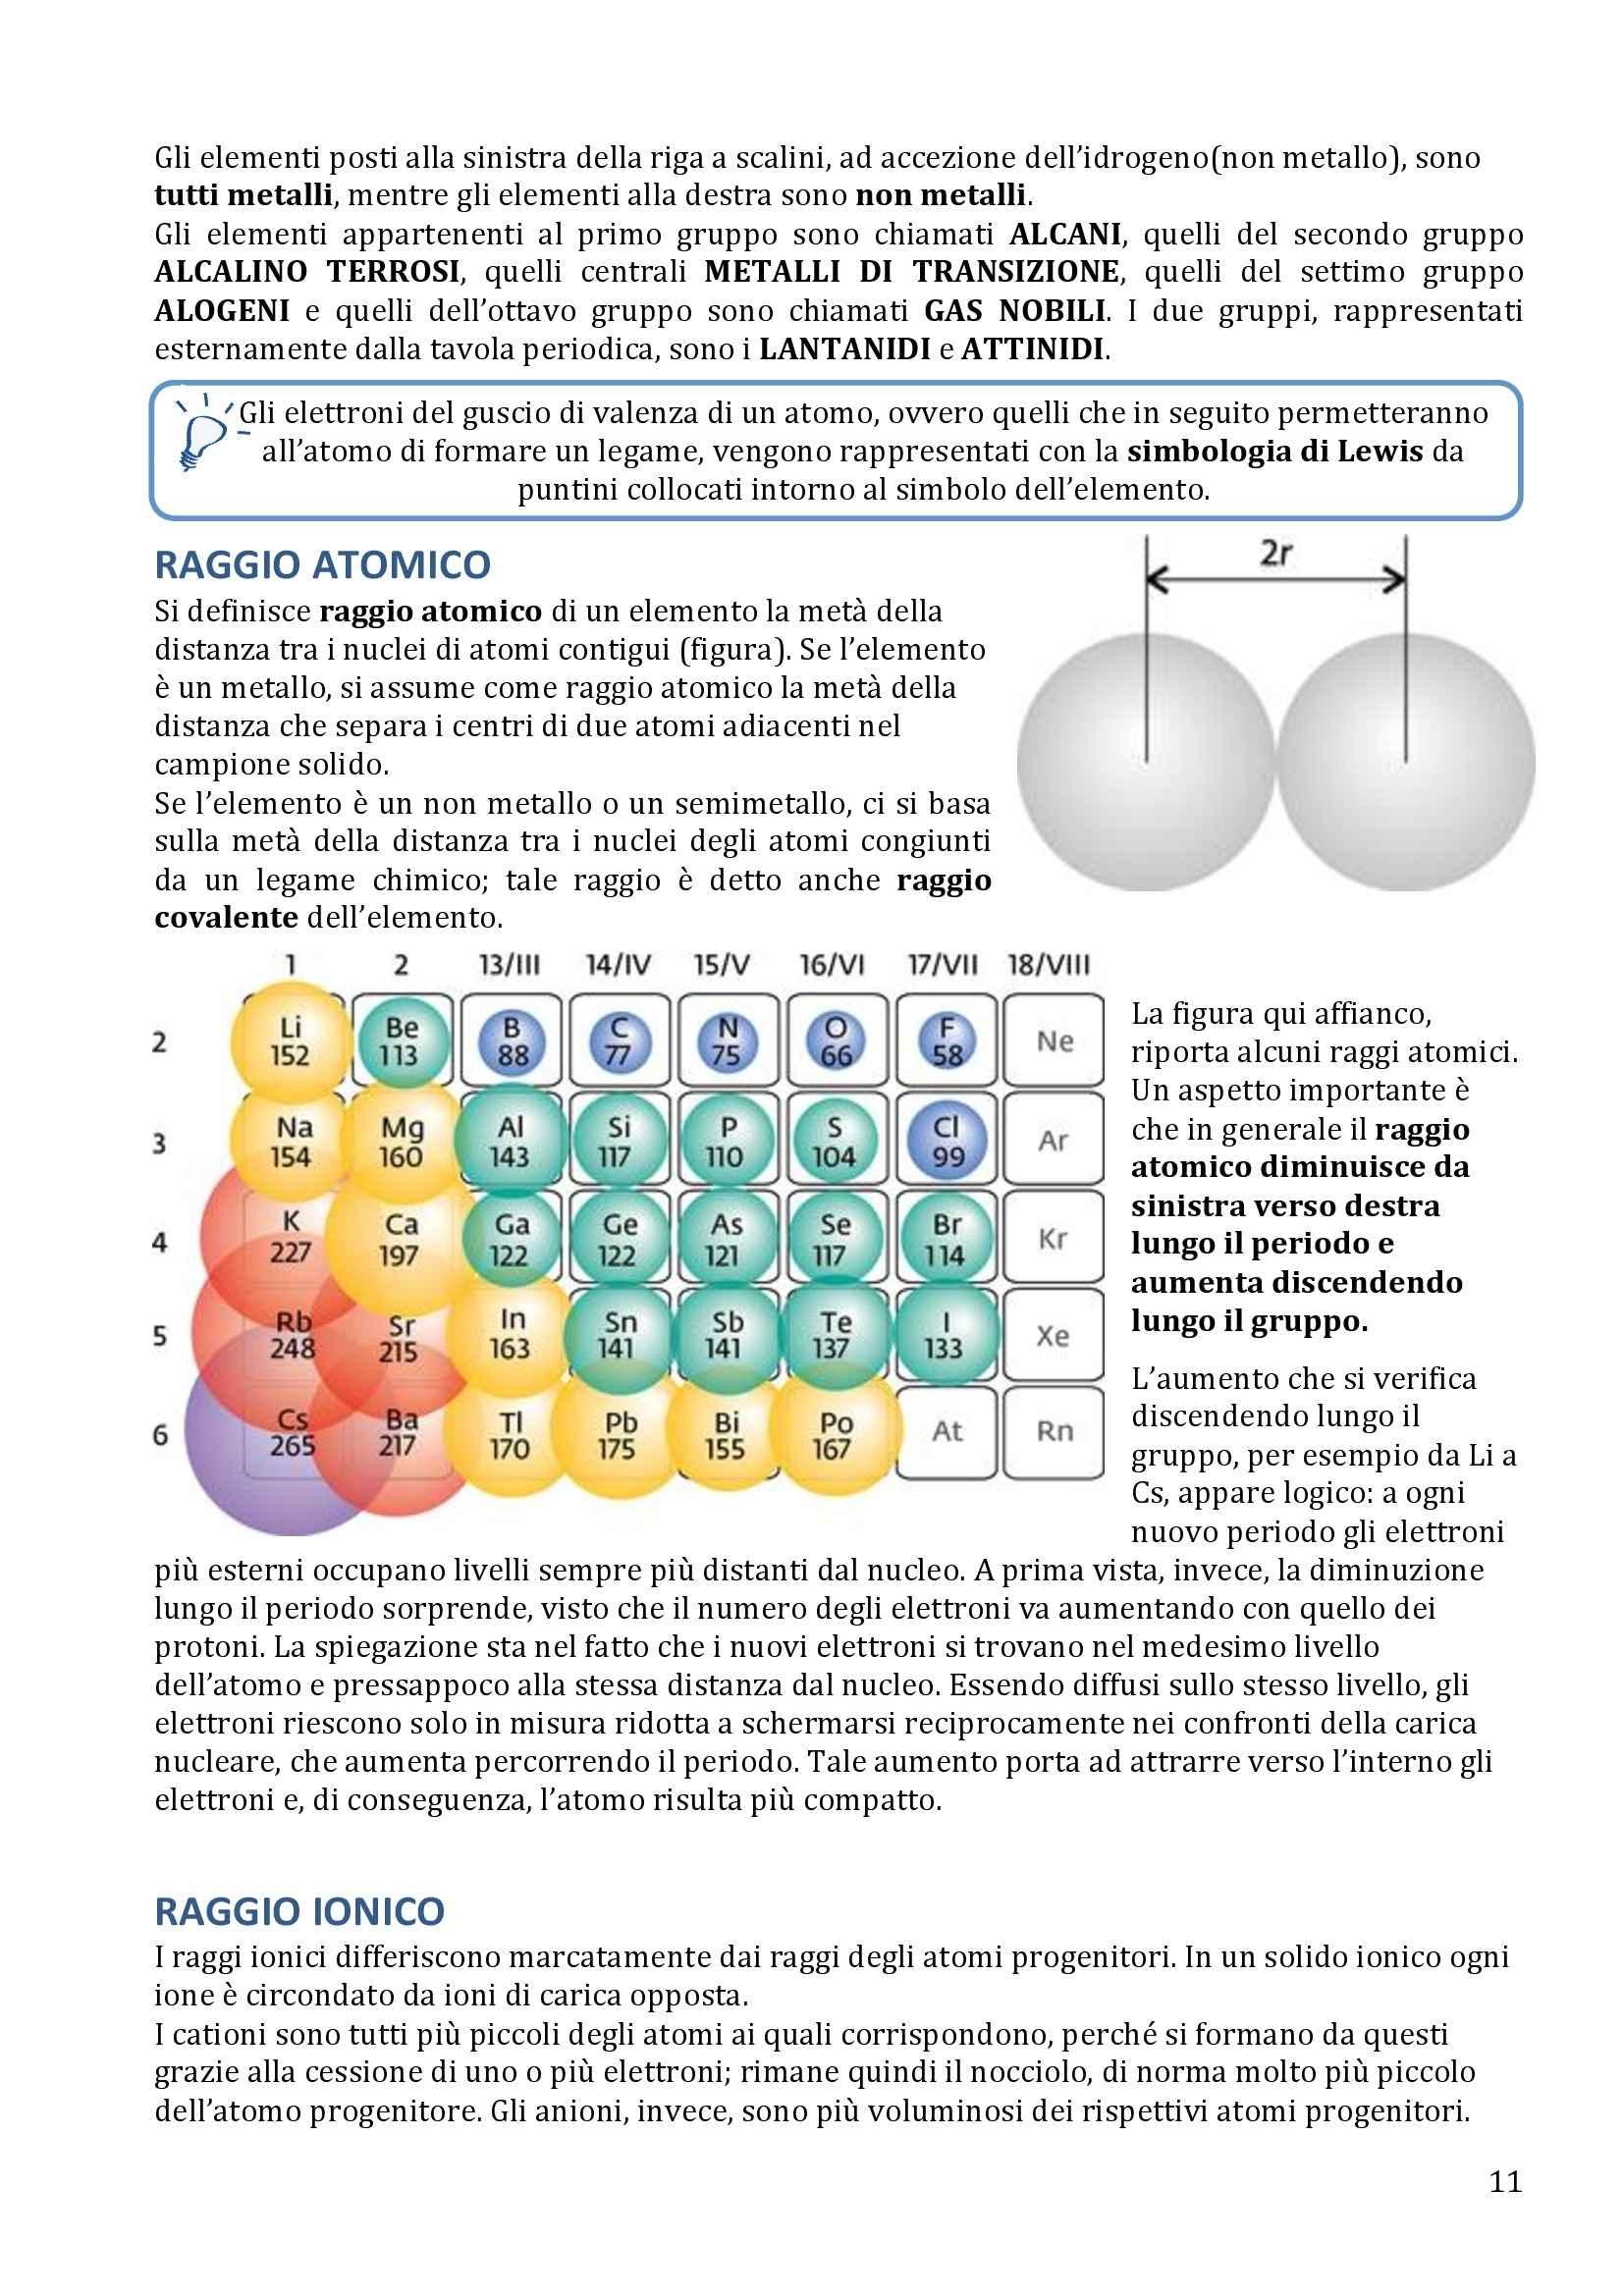 Chimica Generale e inorganica - Appunti Pag. 11